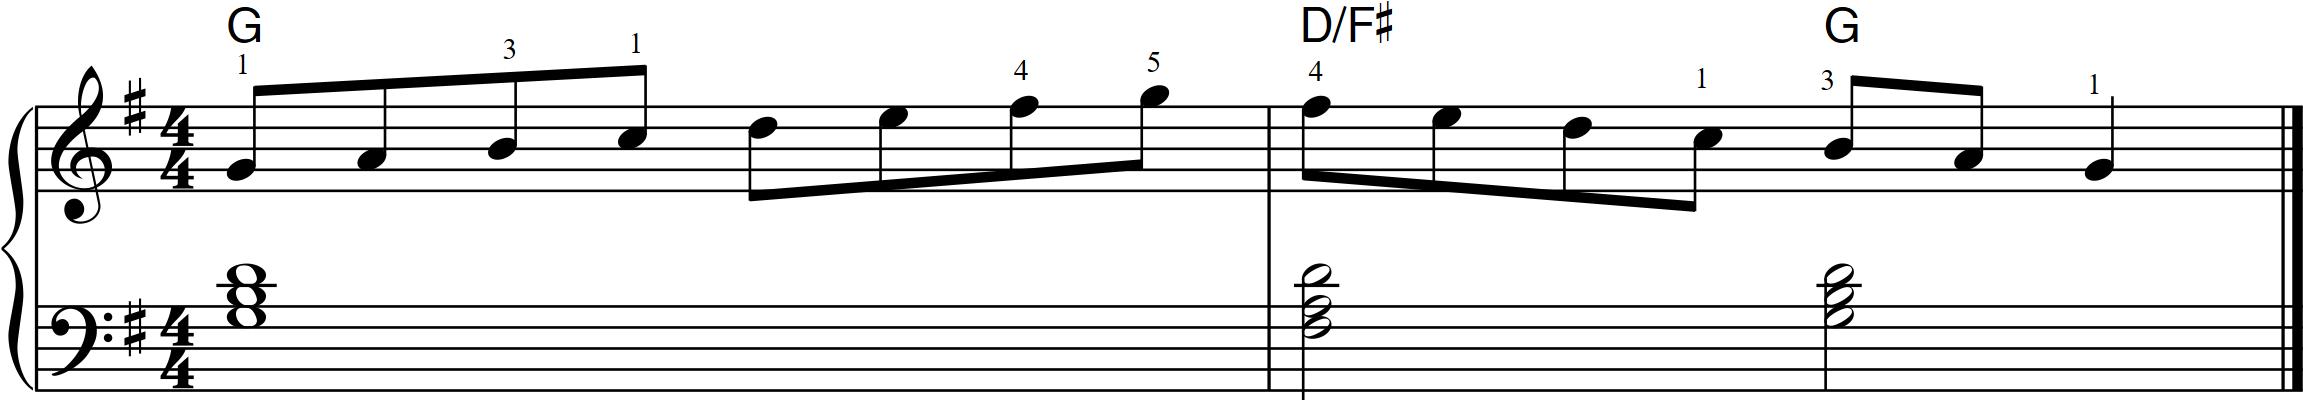 Fig 1 G1 Keyboard Exercise 2019 G major